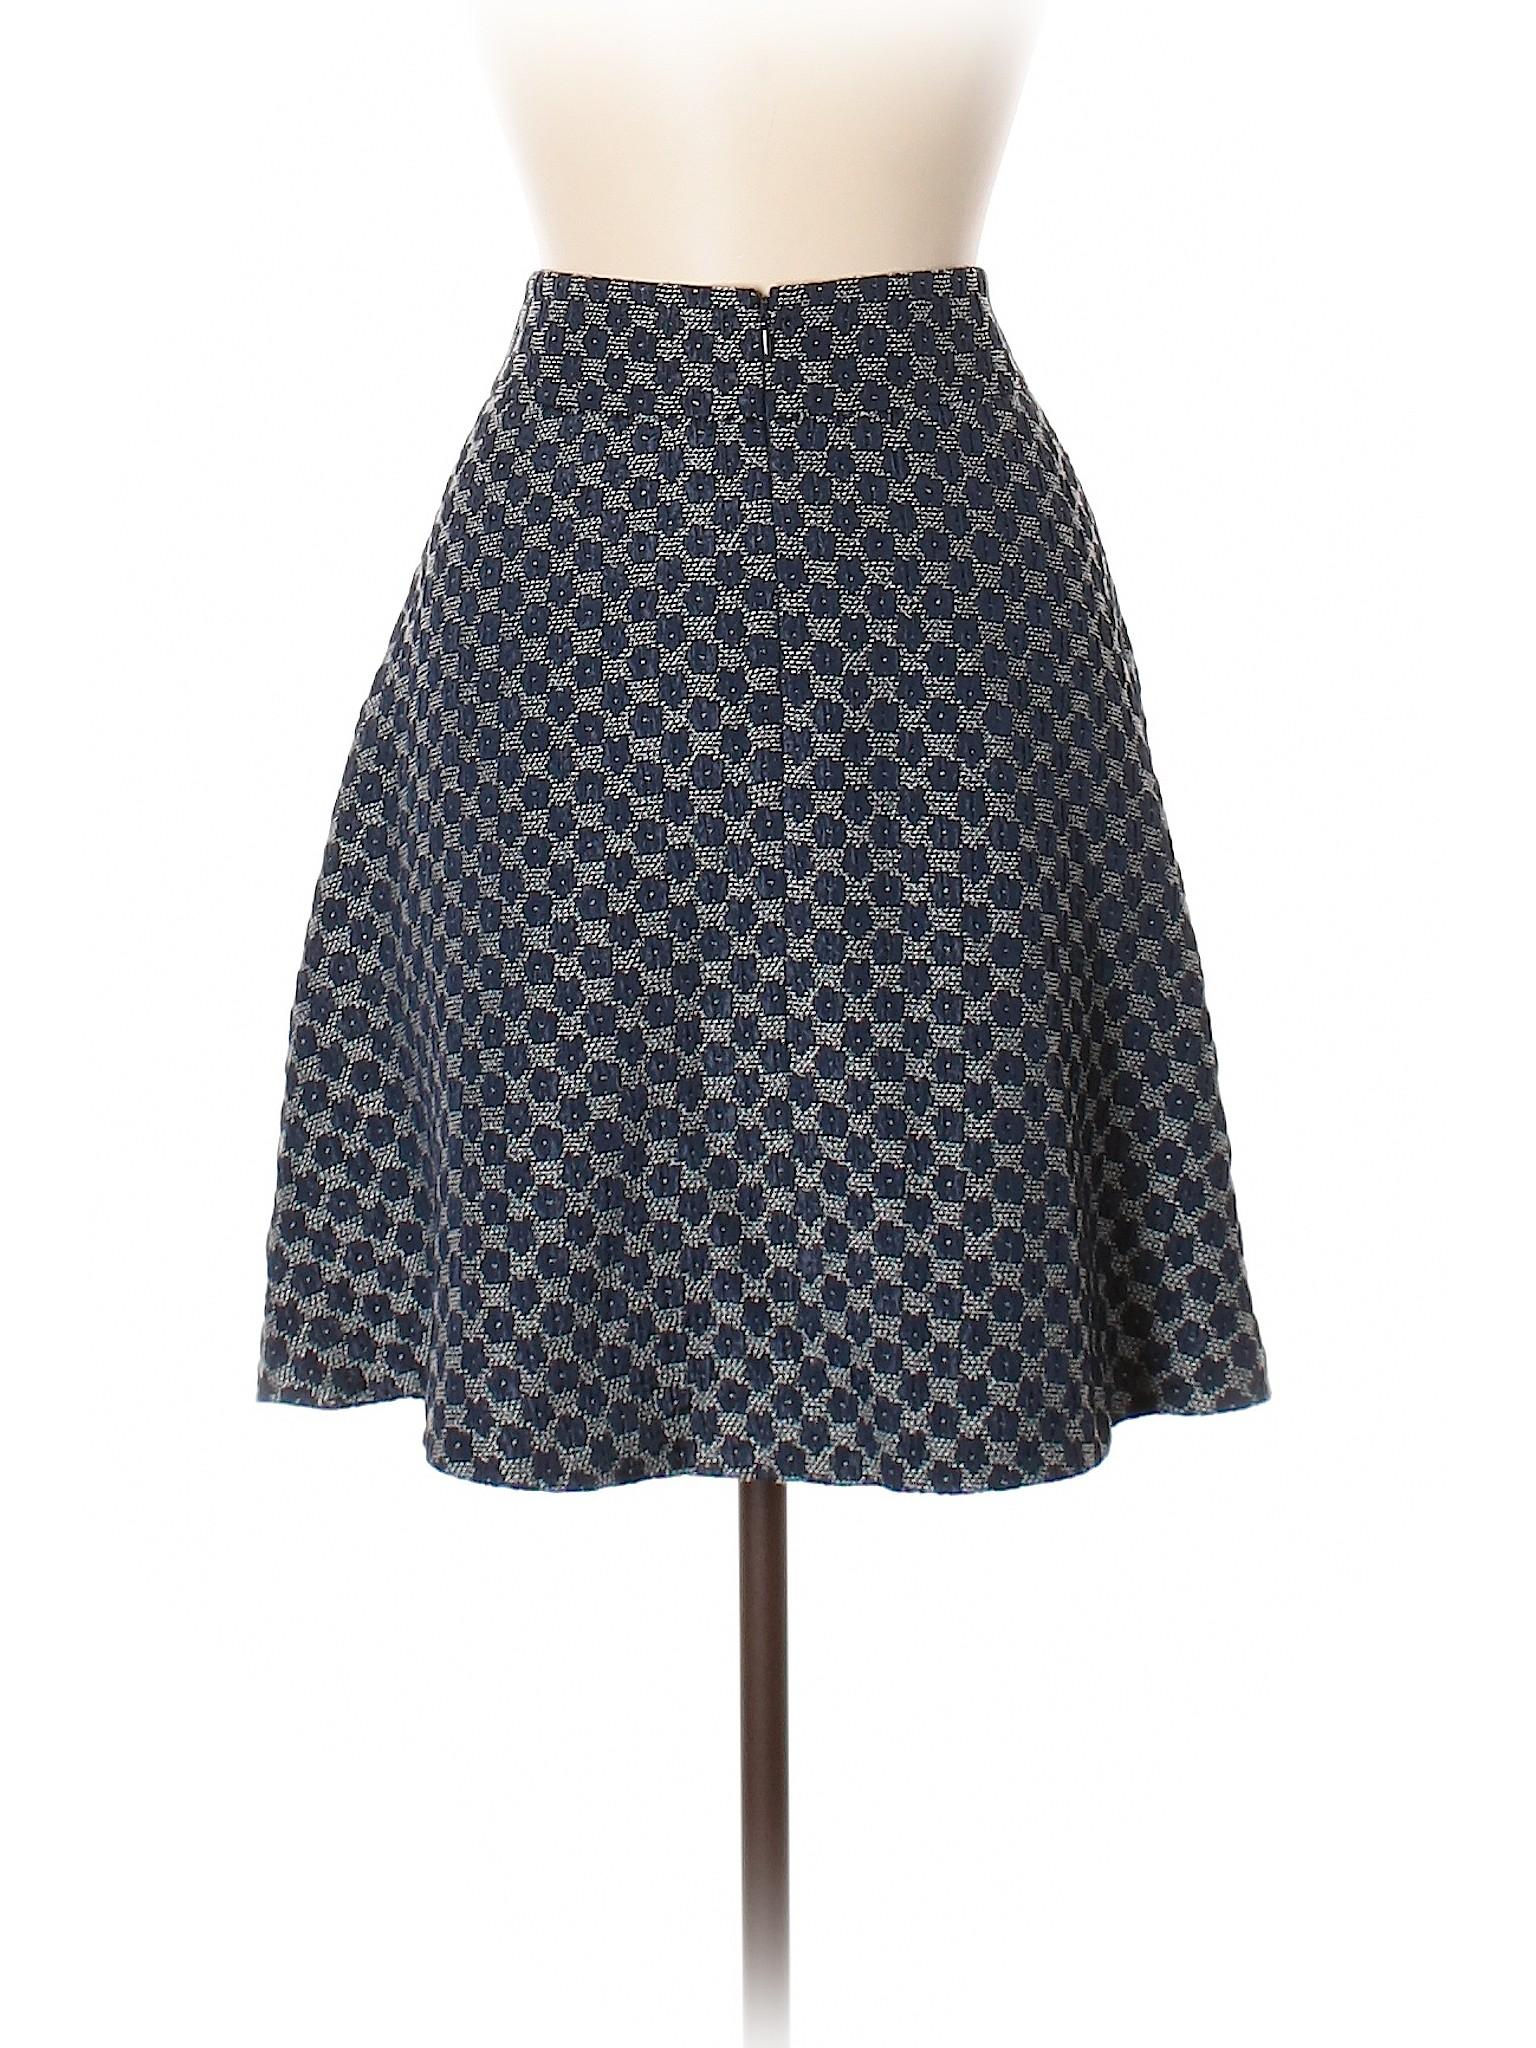 Skirt Ann Boutique Boutique Ann Boutique Casual Taylor Taylor Taylor Casual Ann Skirt nHaqpCw